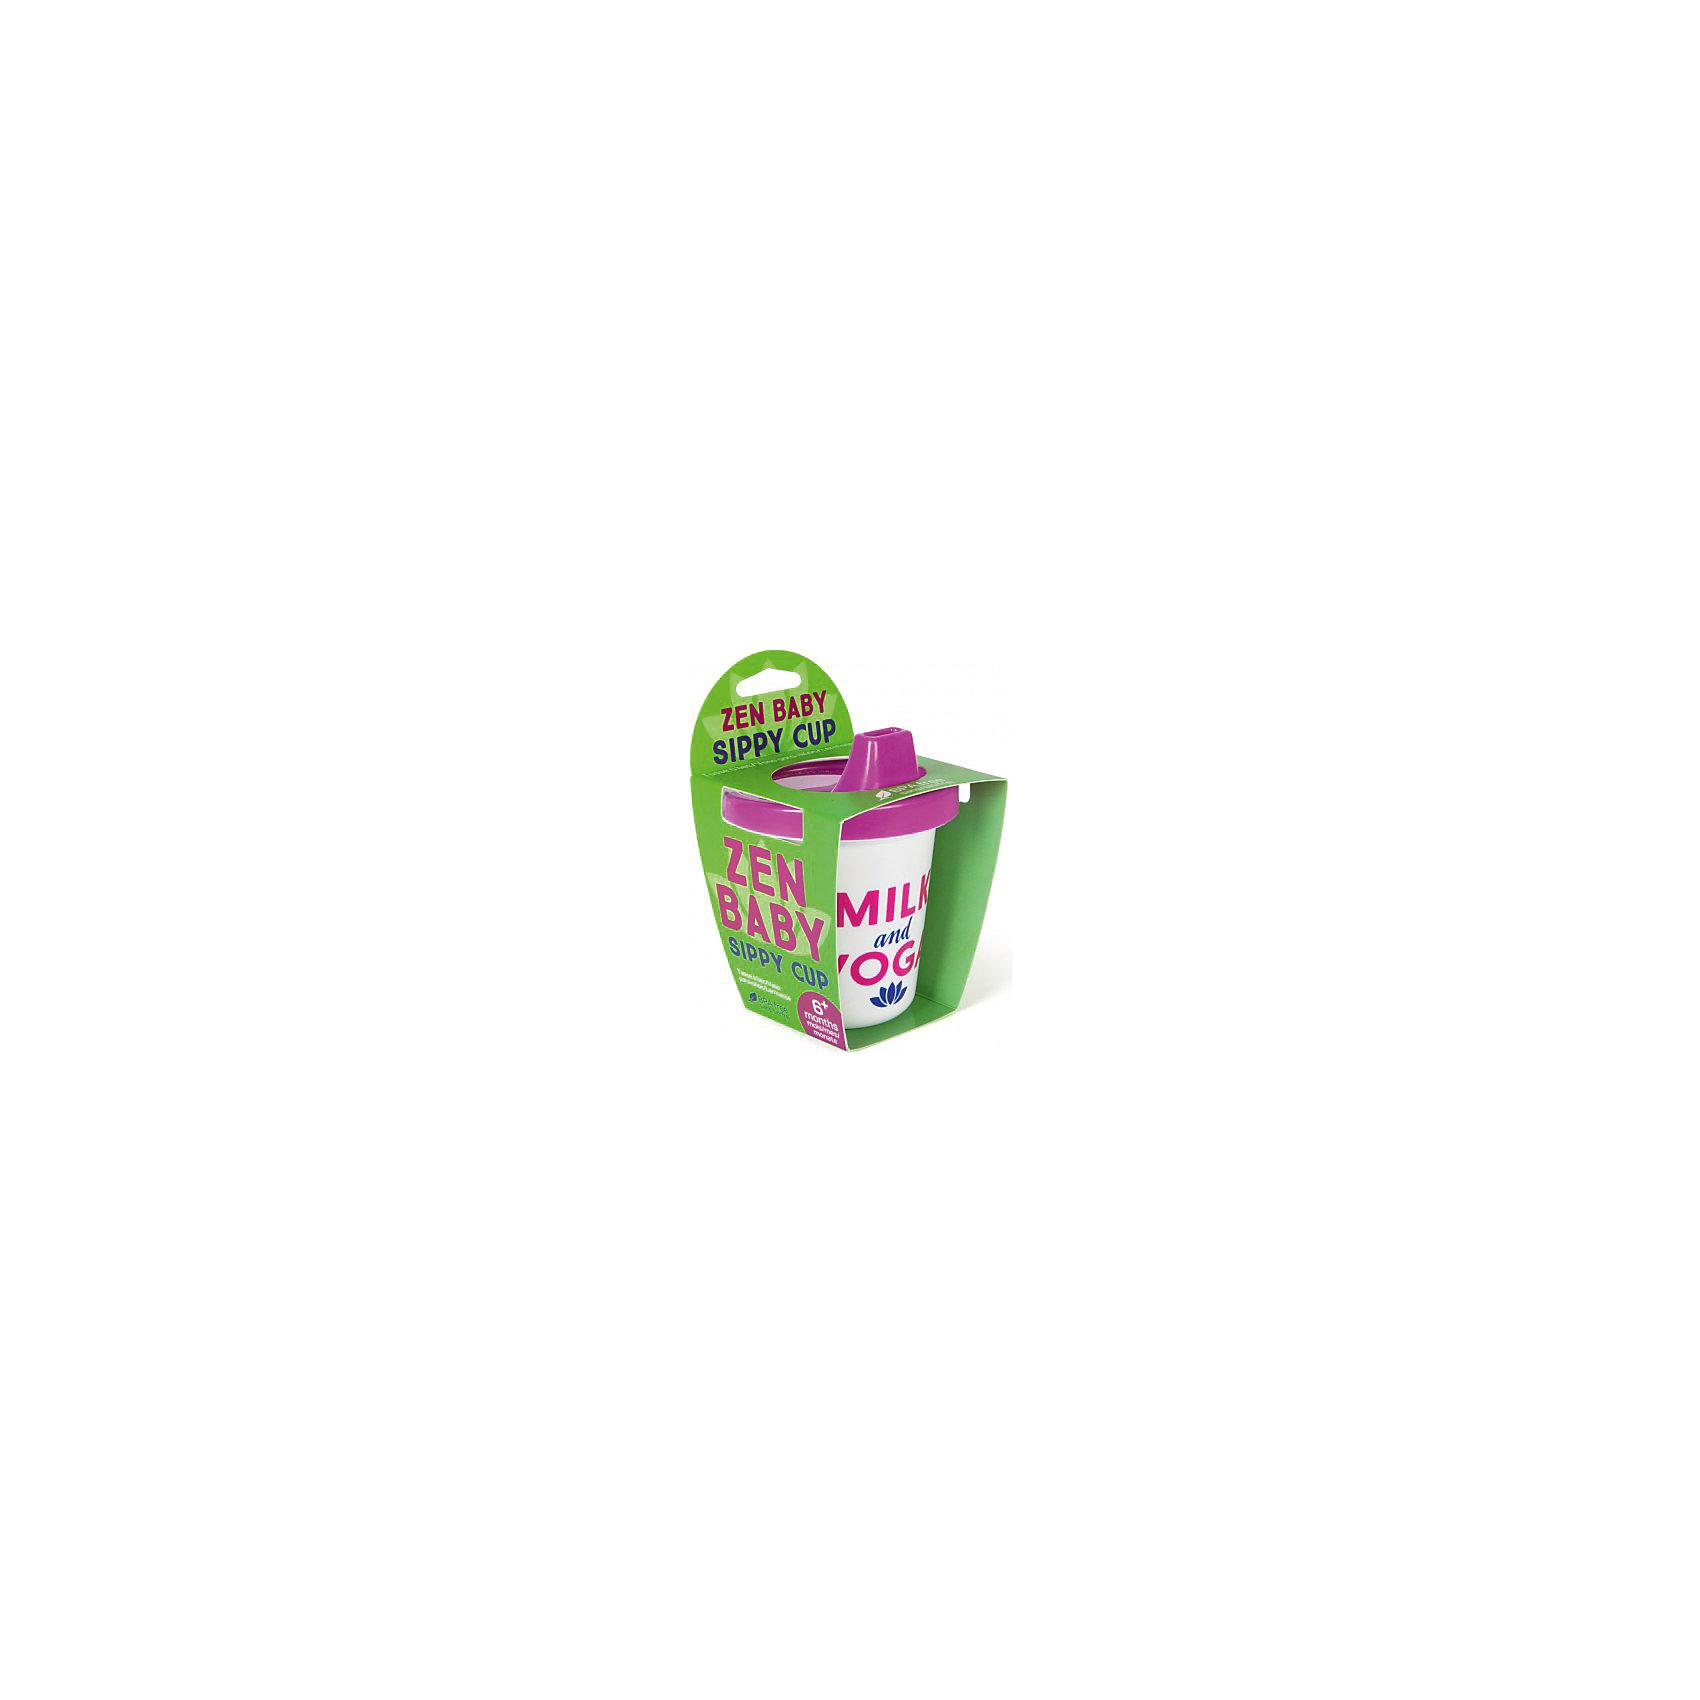 Поильник Zen Baby Sippy Cup, Gamago